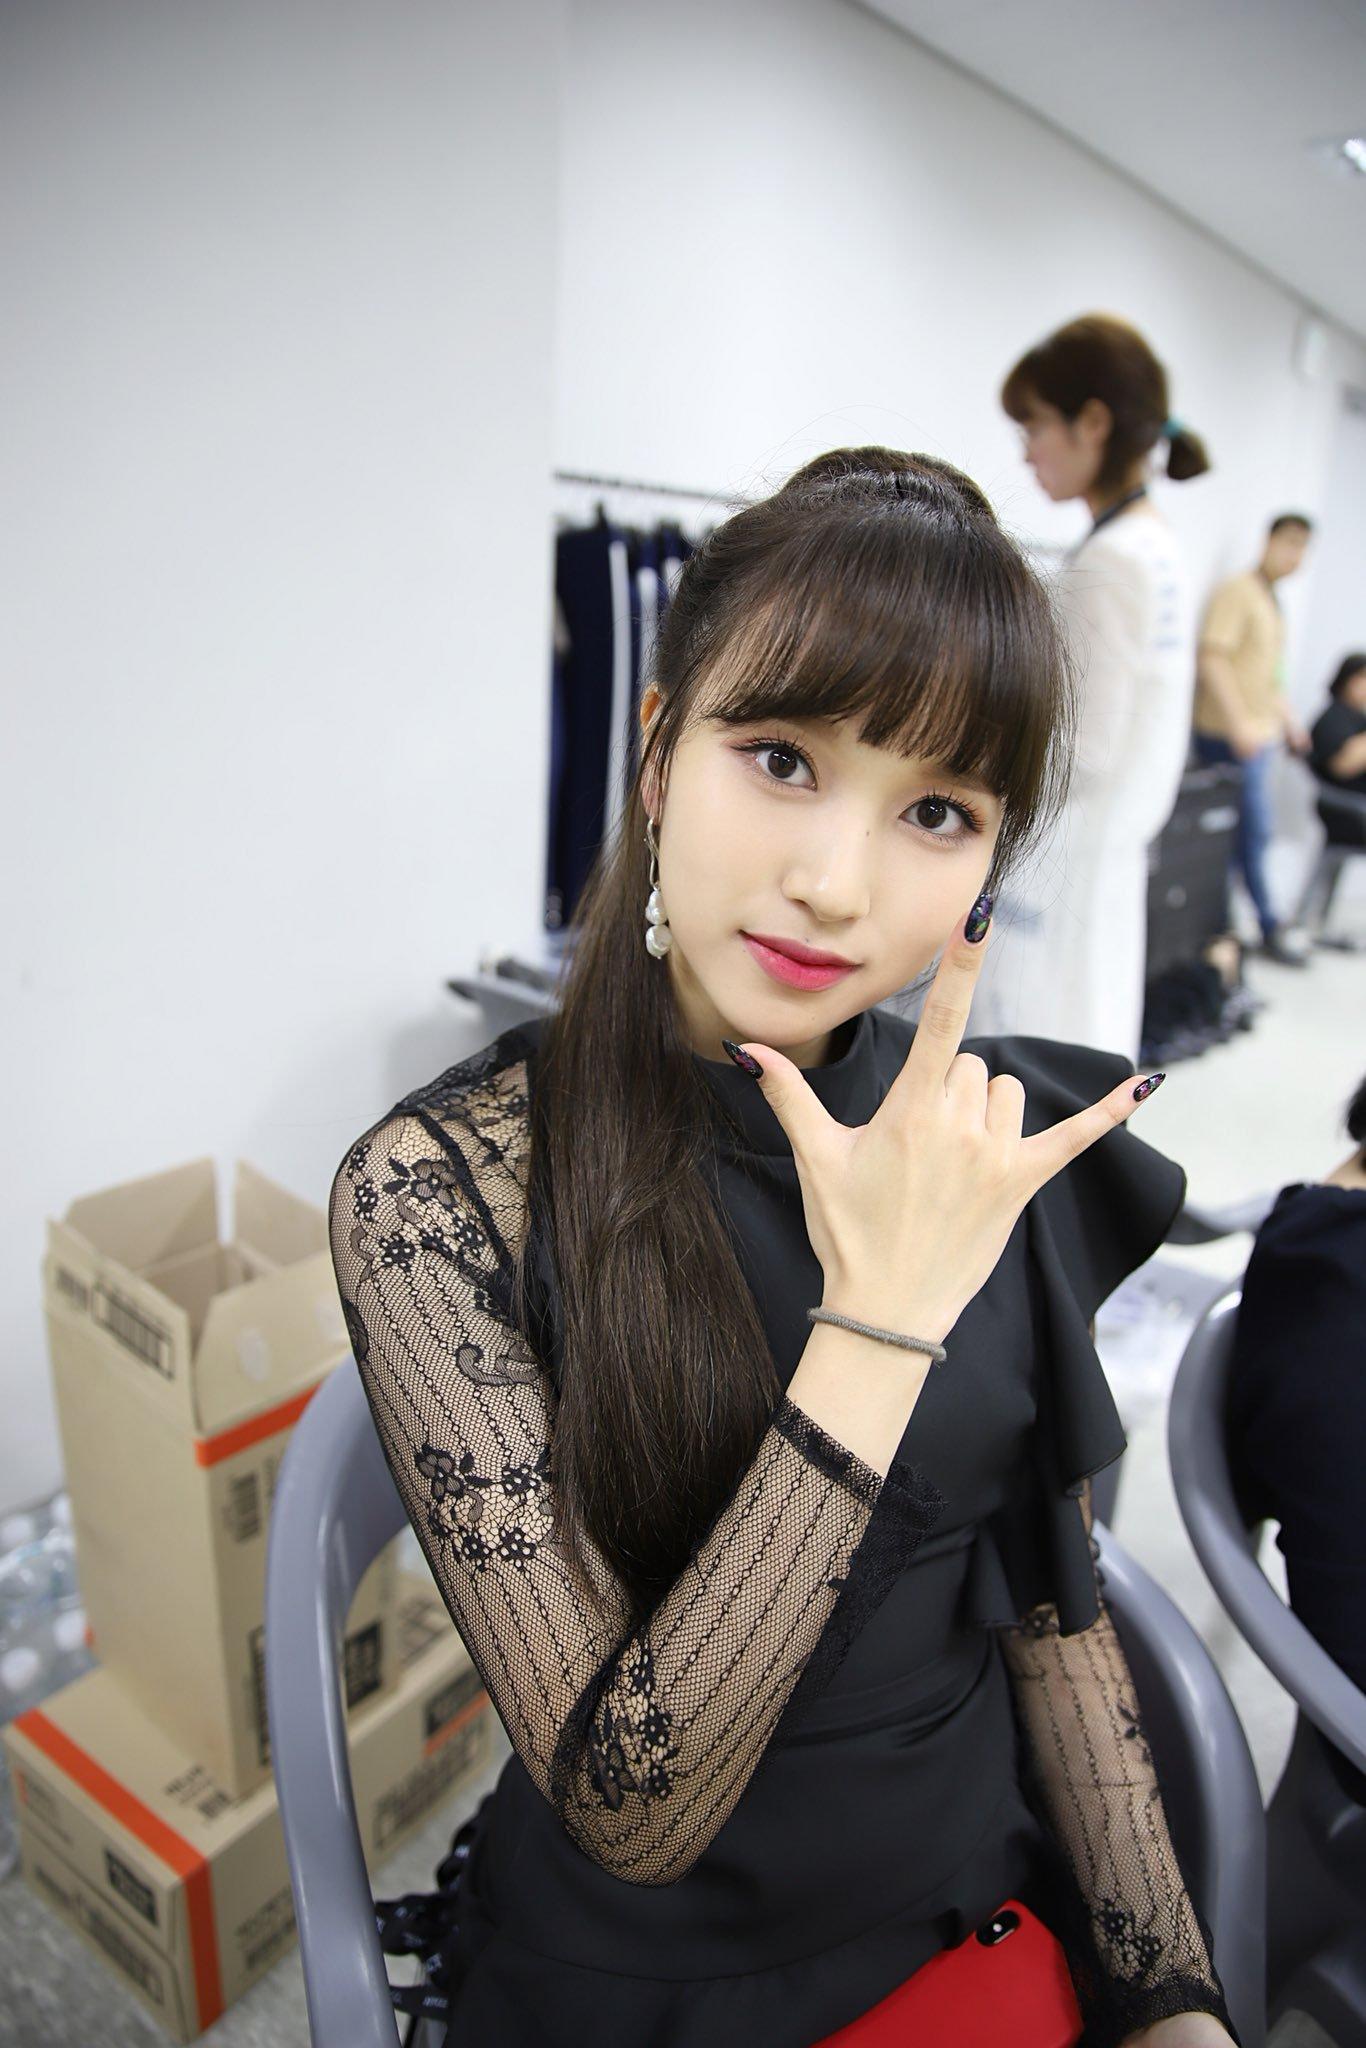 影 / TWICE「全员到齐」!Mina「首度归队演出」 灿笑打招呼惹哭粉丝! - 宅男圈